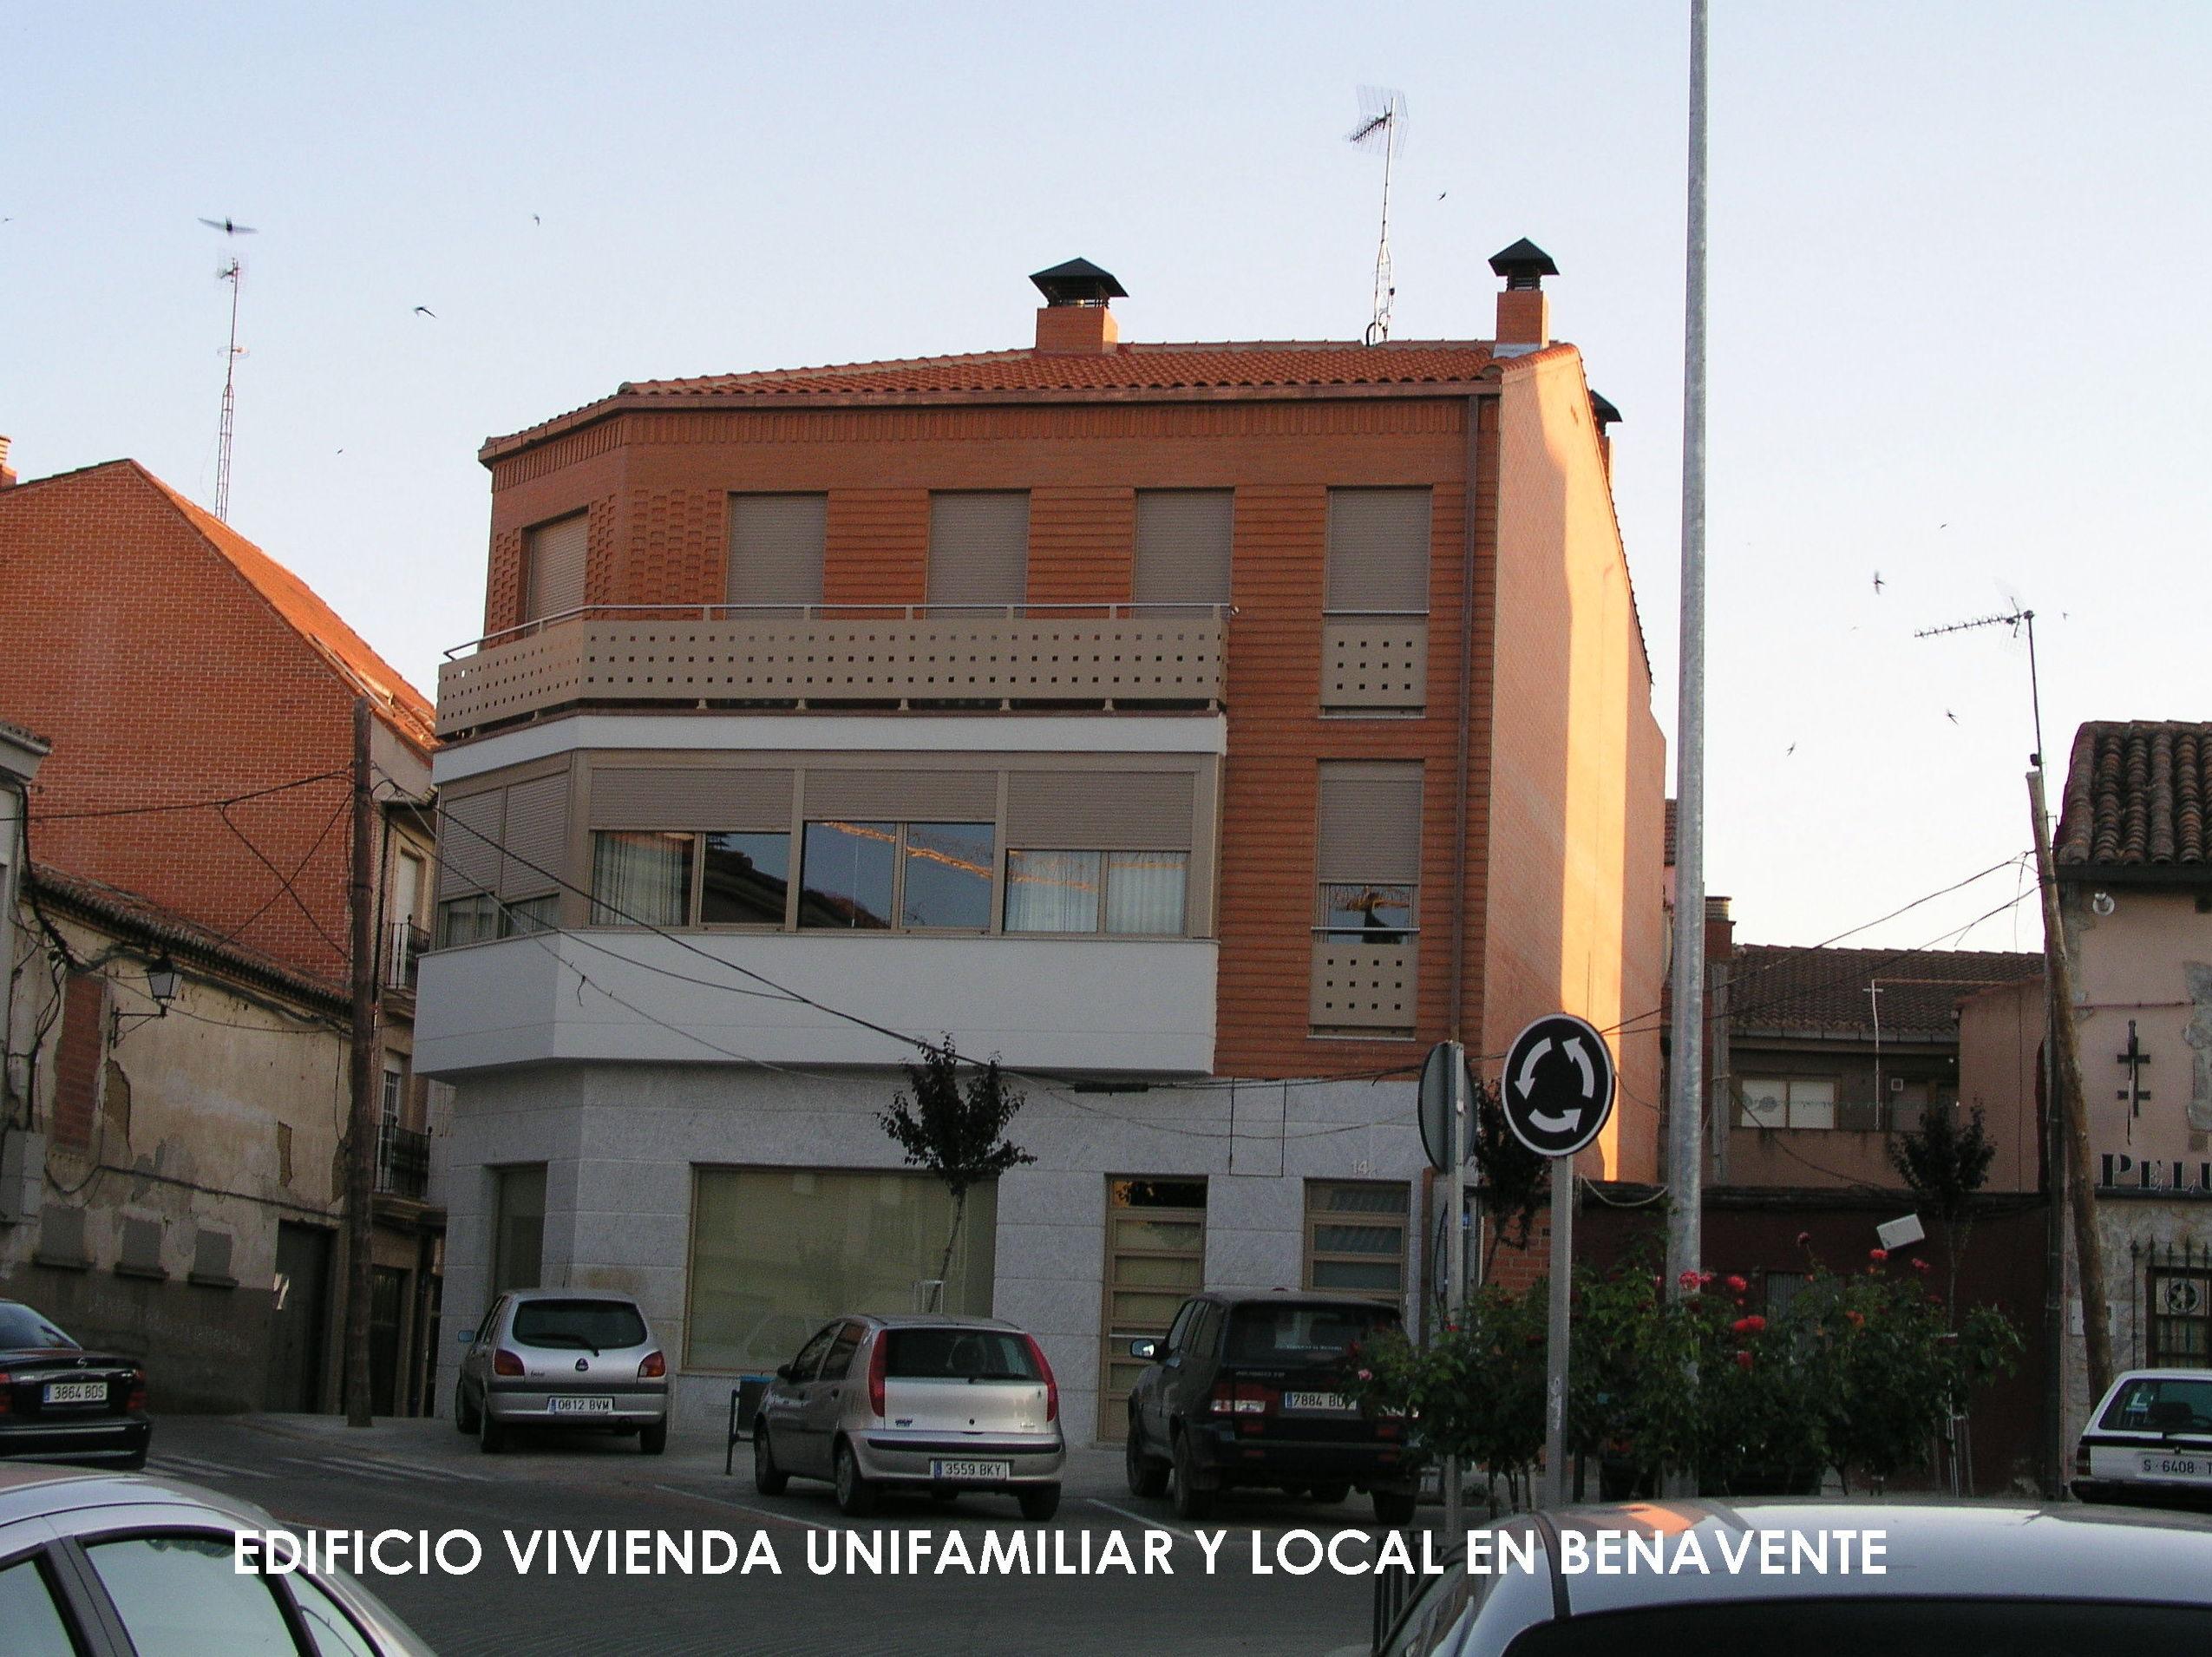 PROYECTO DE VIVIENDA UNIFAMILIAR Y LOCAL EN BENAVENTE